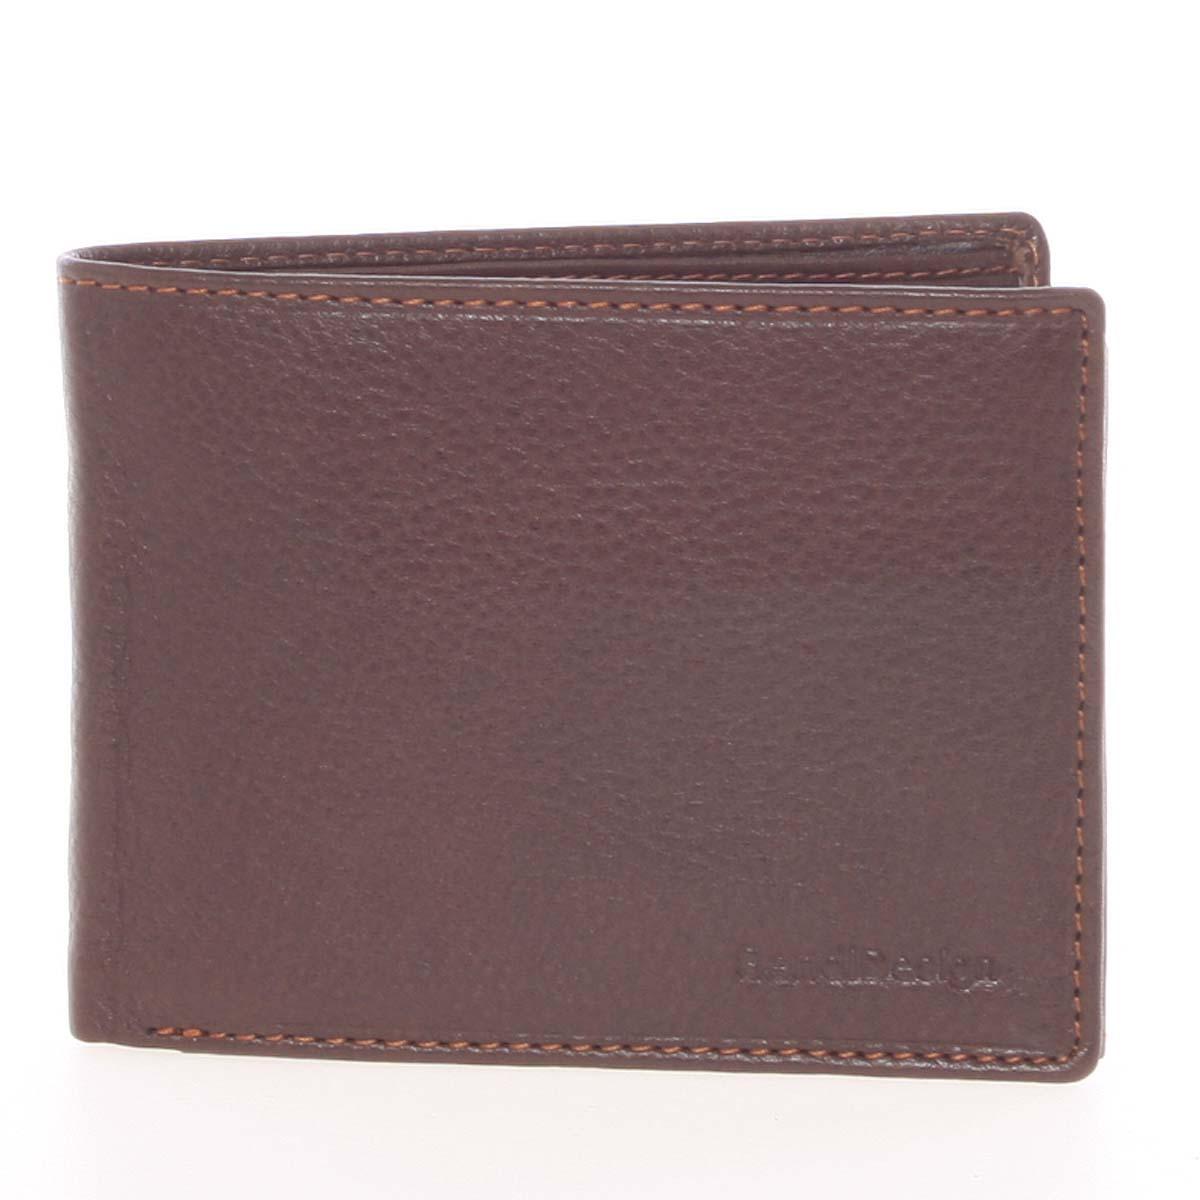 Kvalitní volná pánská kožená peněženka hnědá - SendiDesign Poseidon